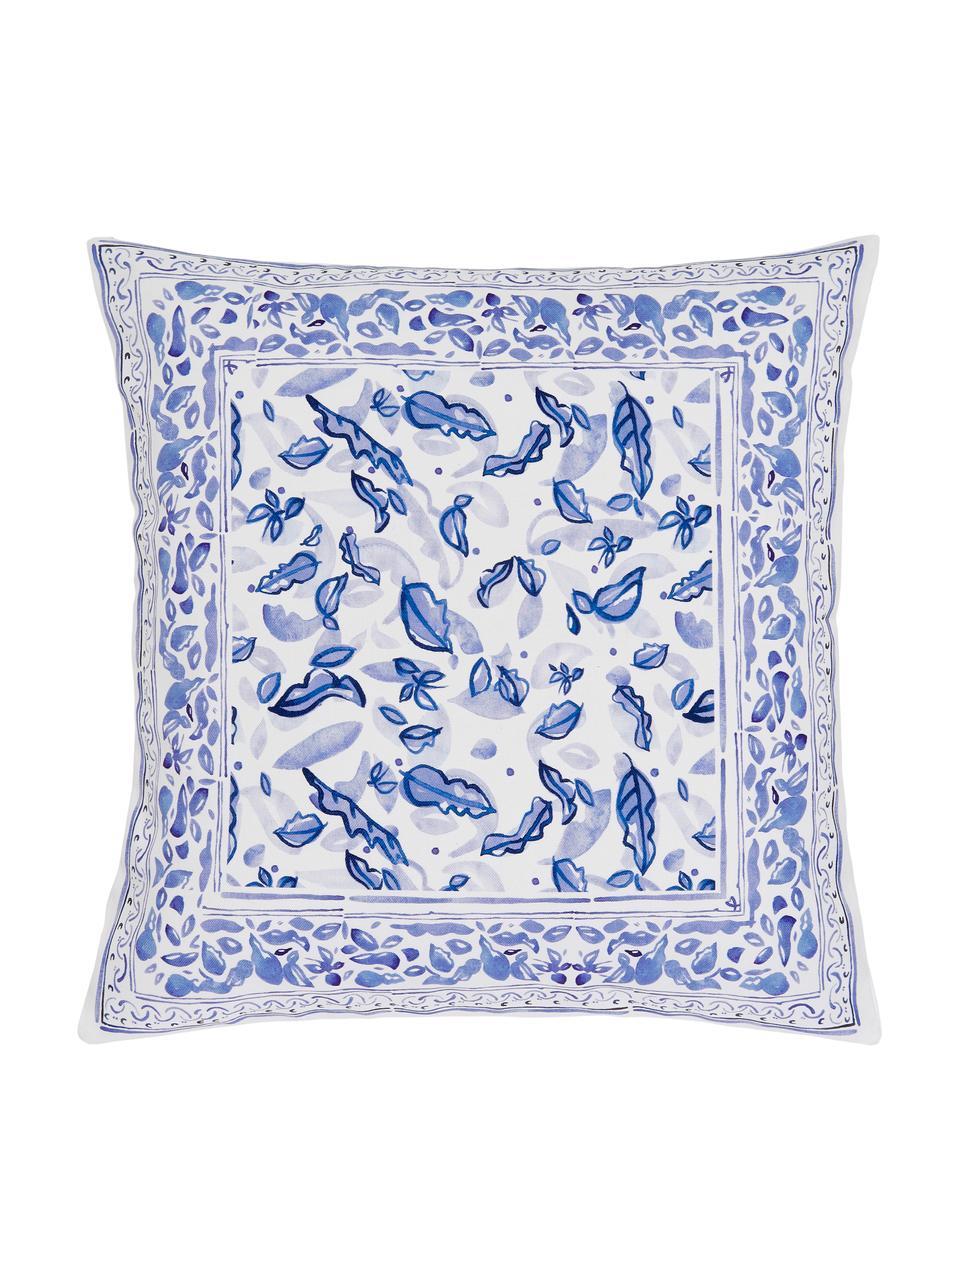 Gemusterte Kissenhülle Andrea, 100% Baumwolle, Beige, Blau, 45 x 45 cm